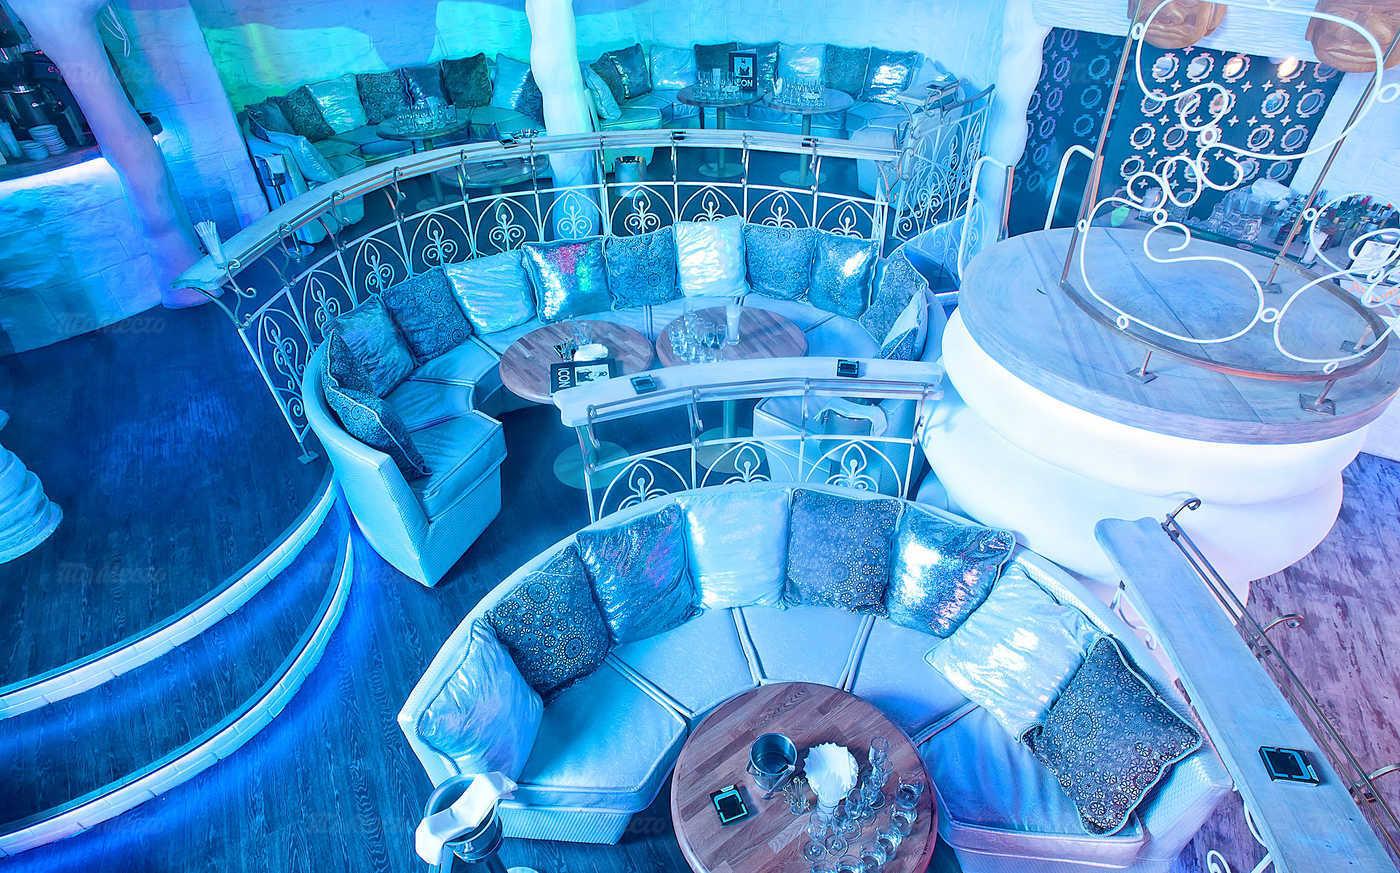 Меню бара, ночного клуба ICON (бывш. Рай) на Болотной набережной